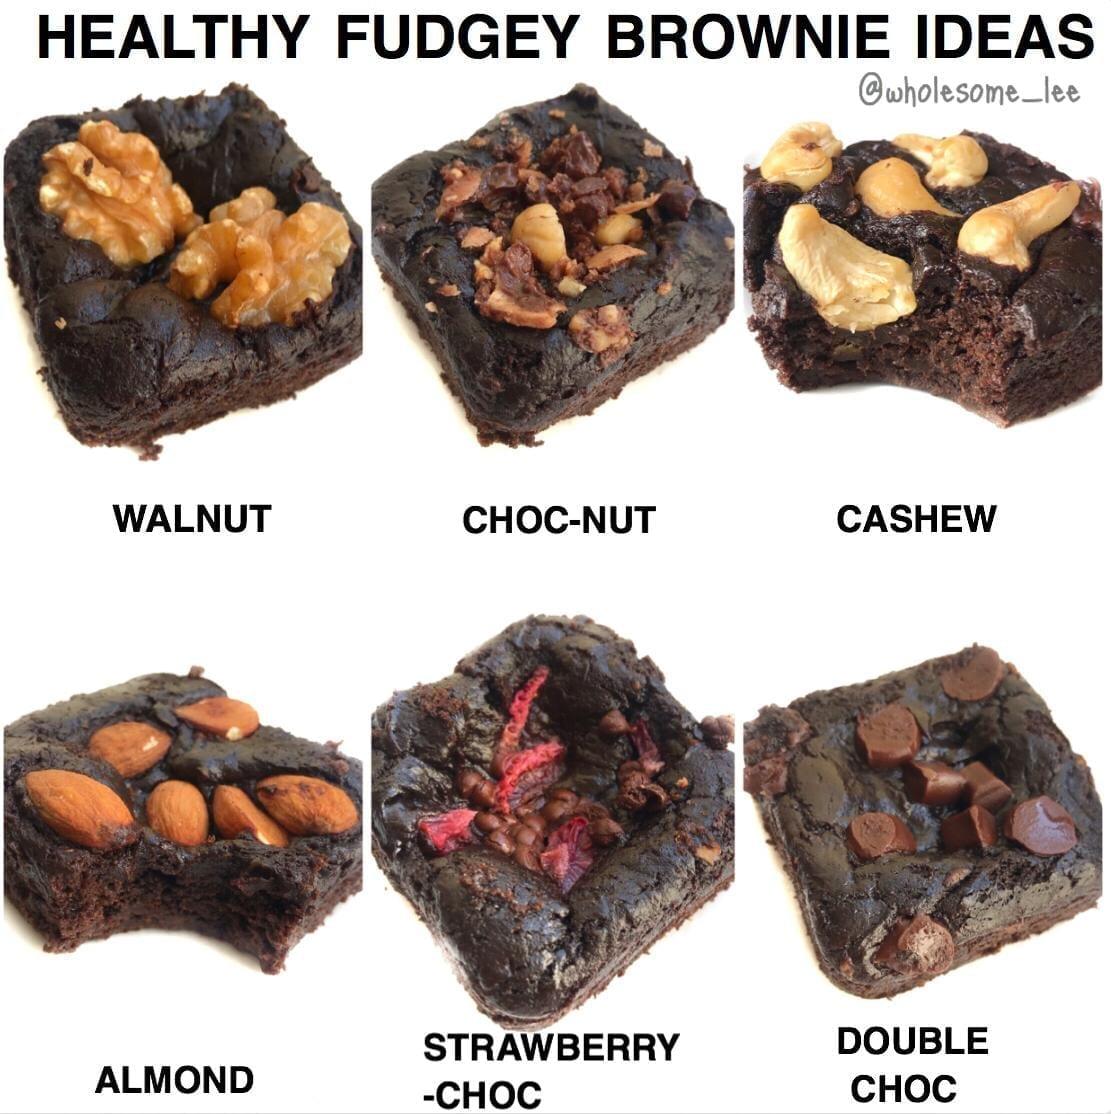 Healthy Fudgey Brownie Ideas